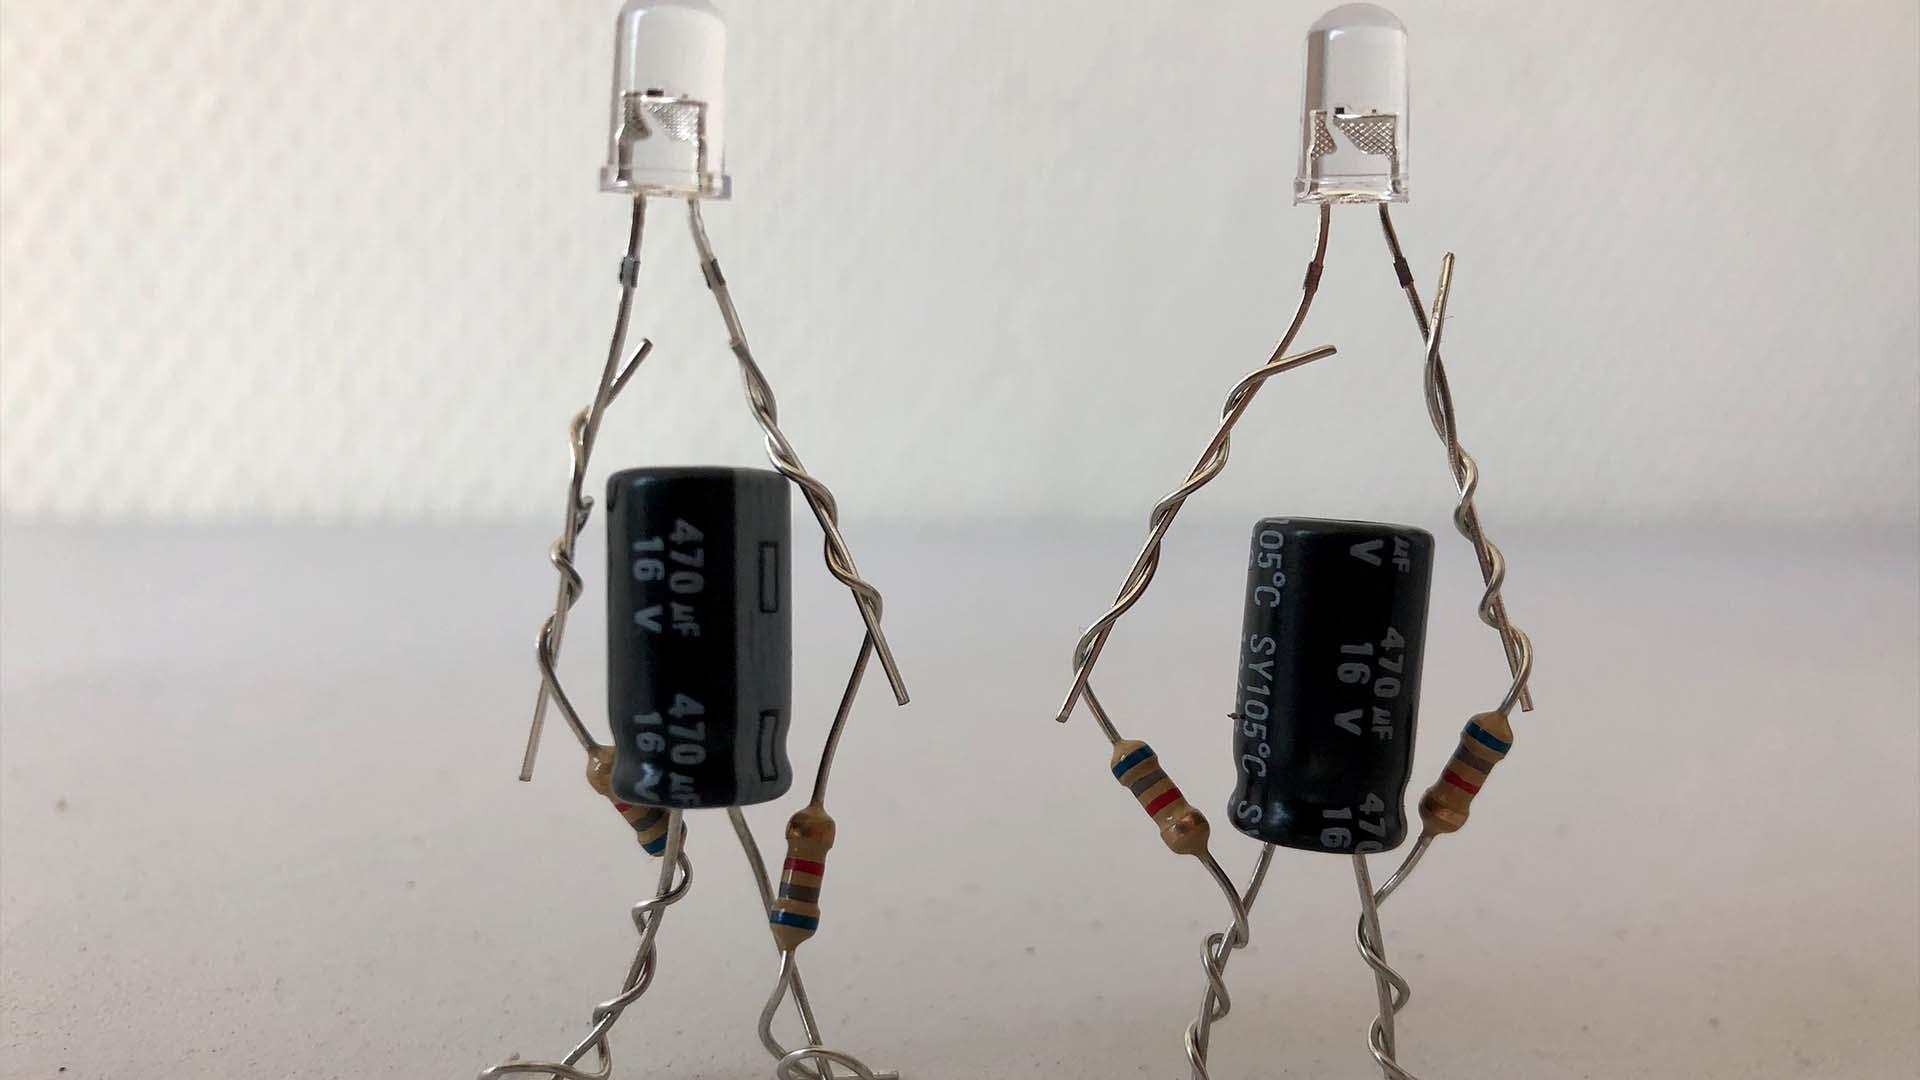 Tetem Circuit Buddies